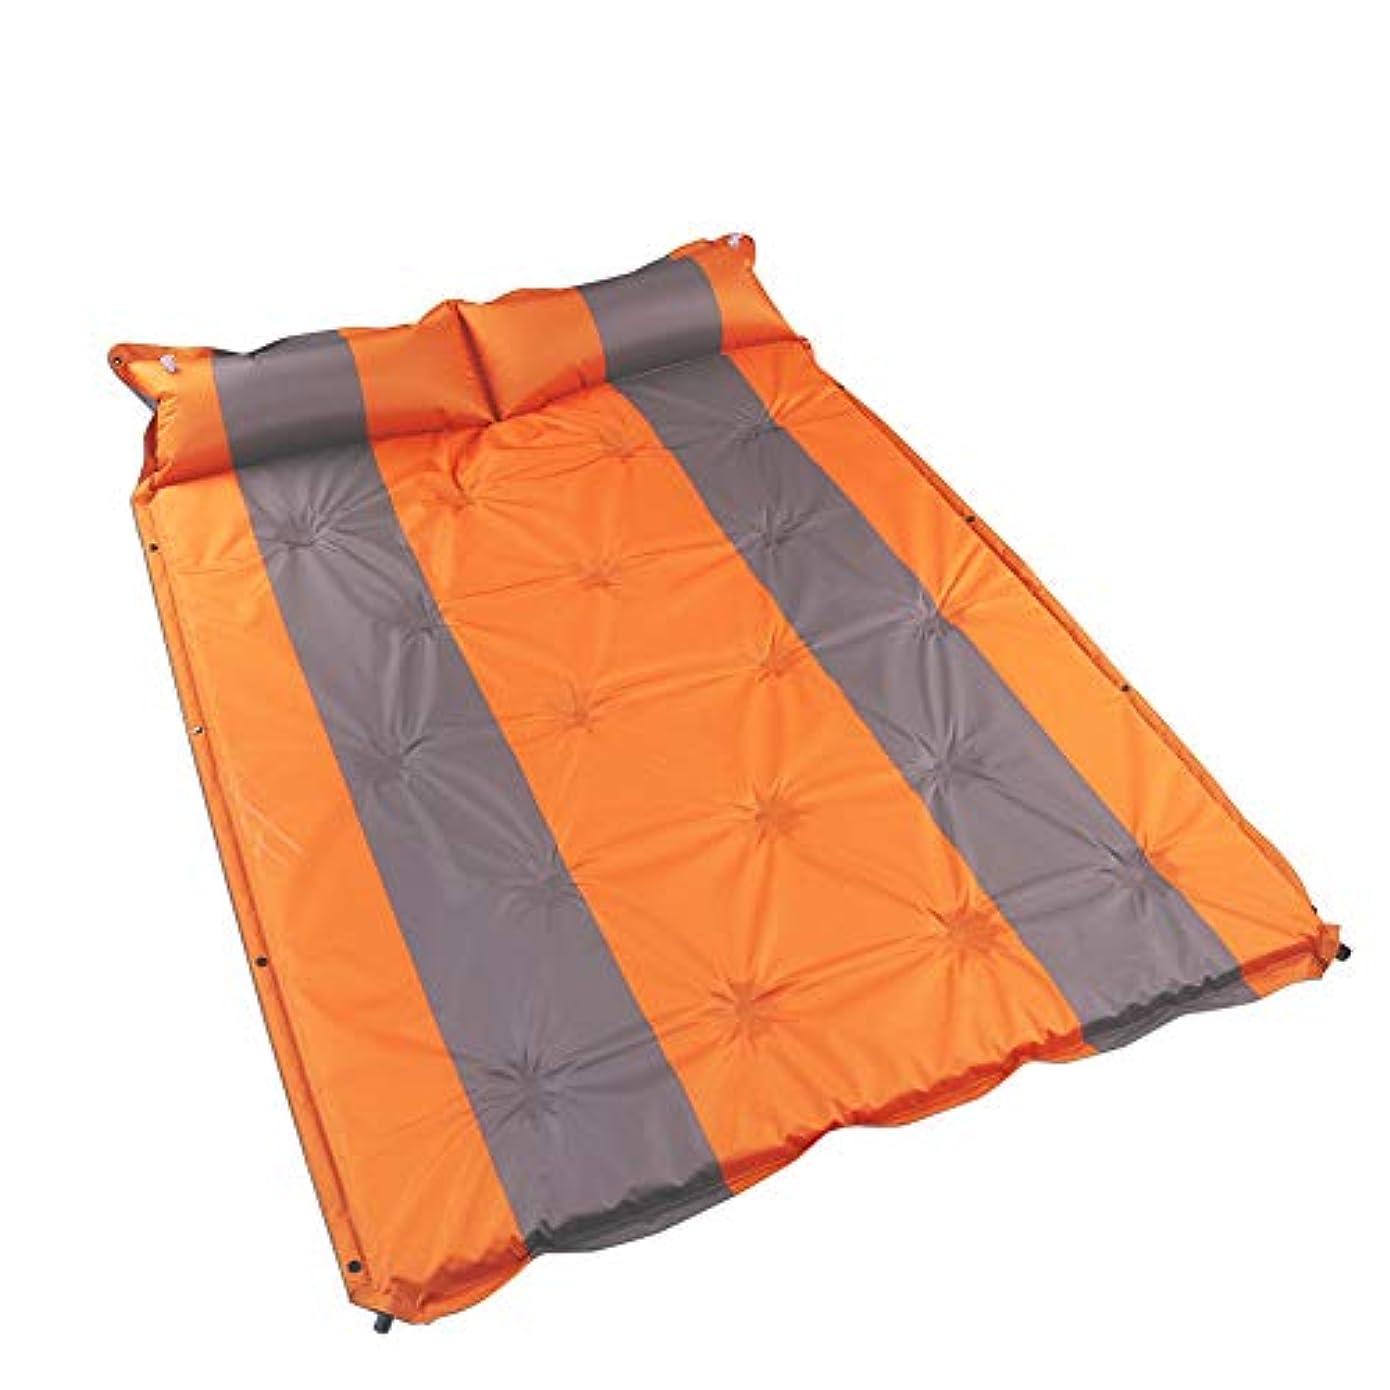 レジデンス湾溶かすキャンプ用 エアーマット自己膨張インフレーティング 折りたたみ コンパクトレジャーマット防水収納袋付印刷